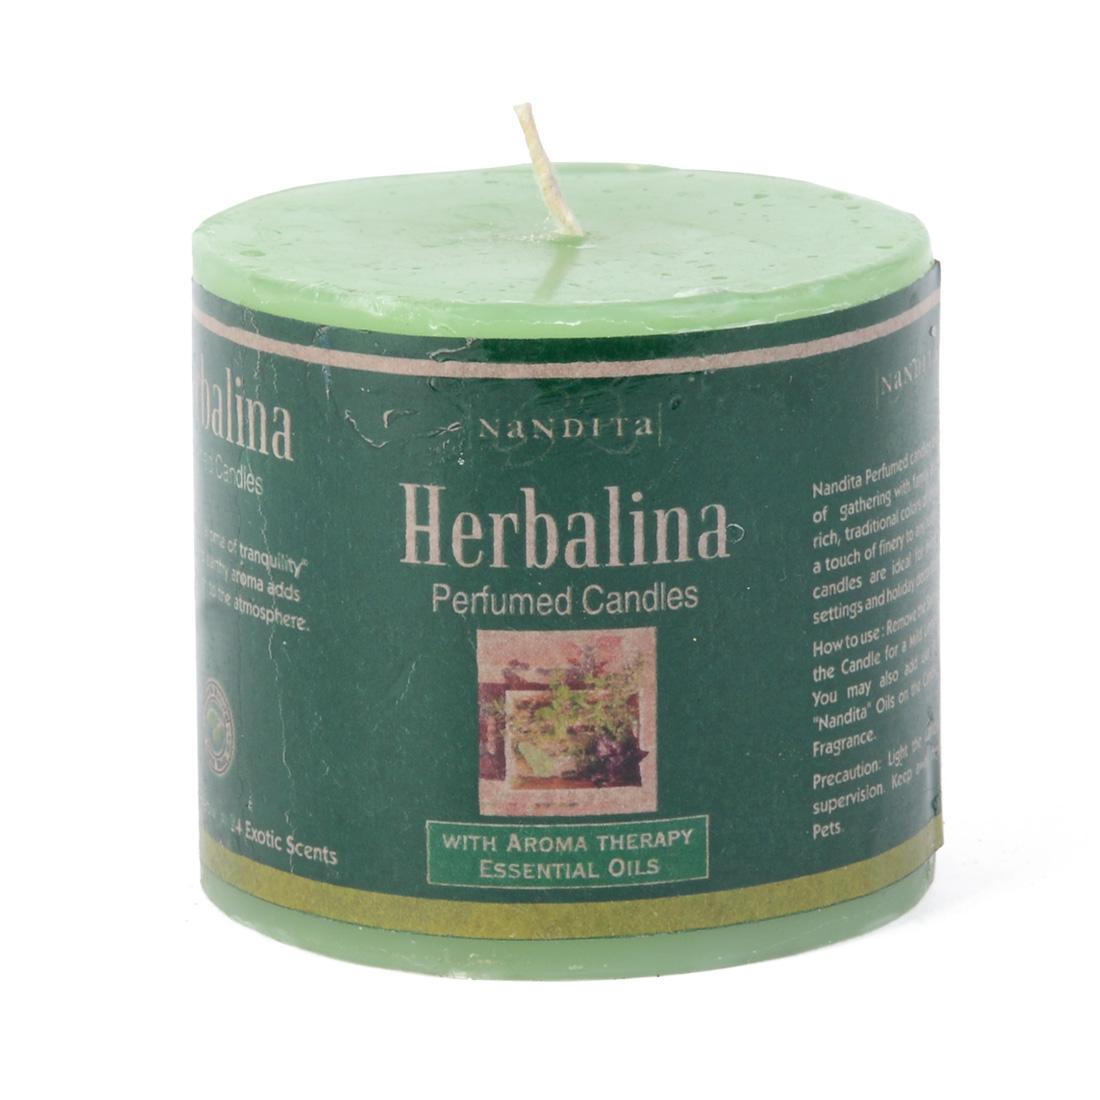 bougie nandita herbalina